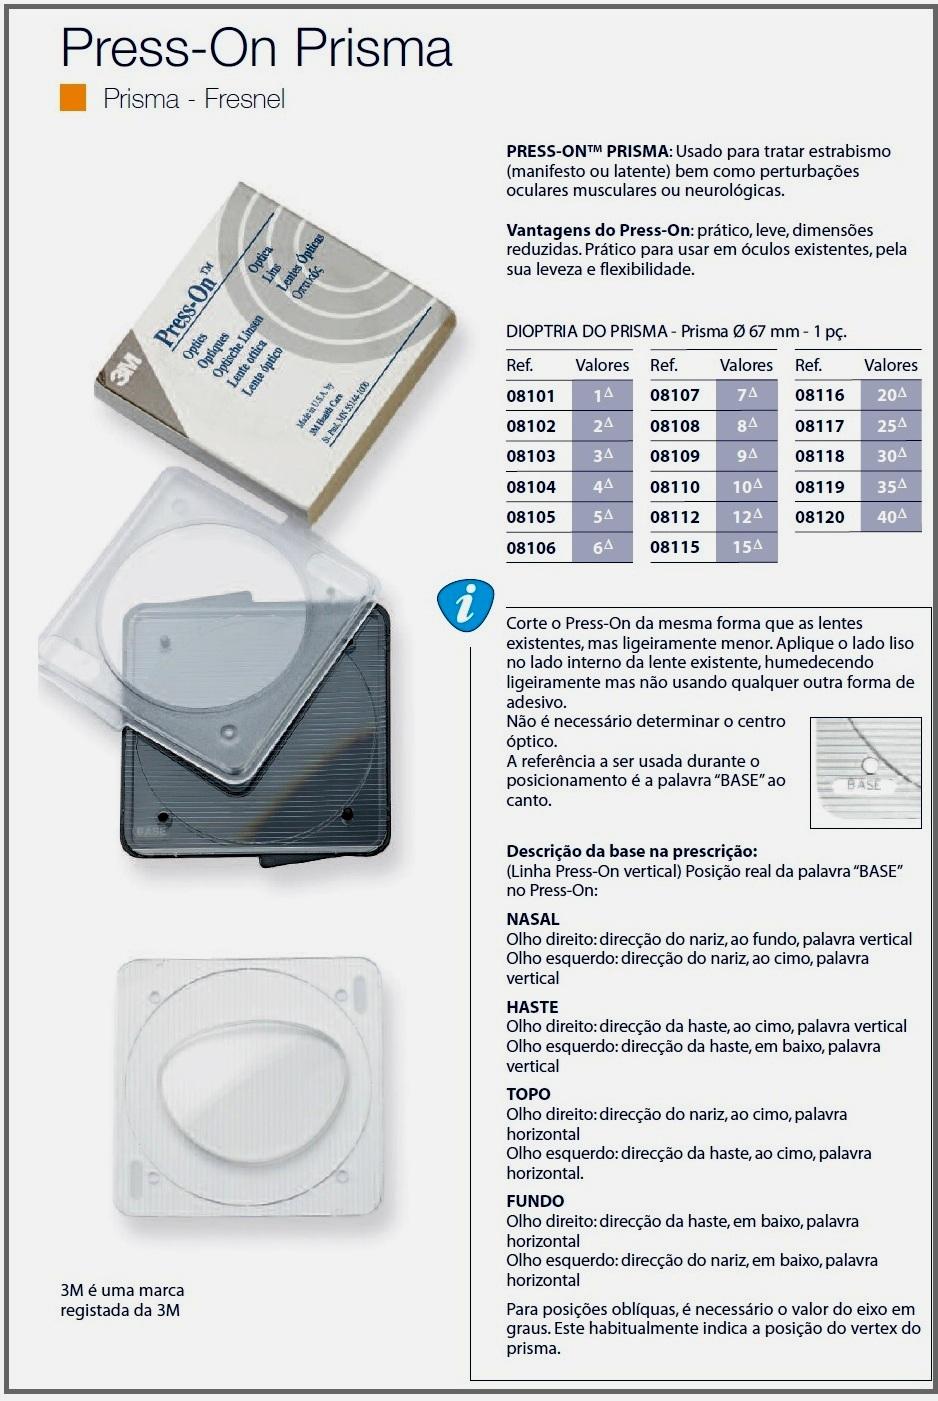 0208109 - CorreçãoVisual 02 Press-On Prisma 9 Mod 8109 FLAG O FLAG E  -Contém 1 Peça